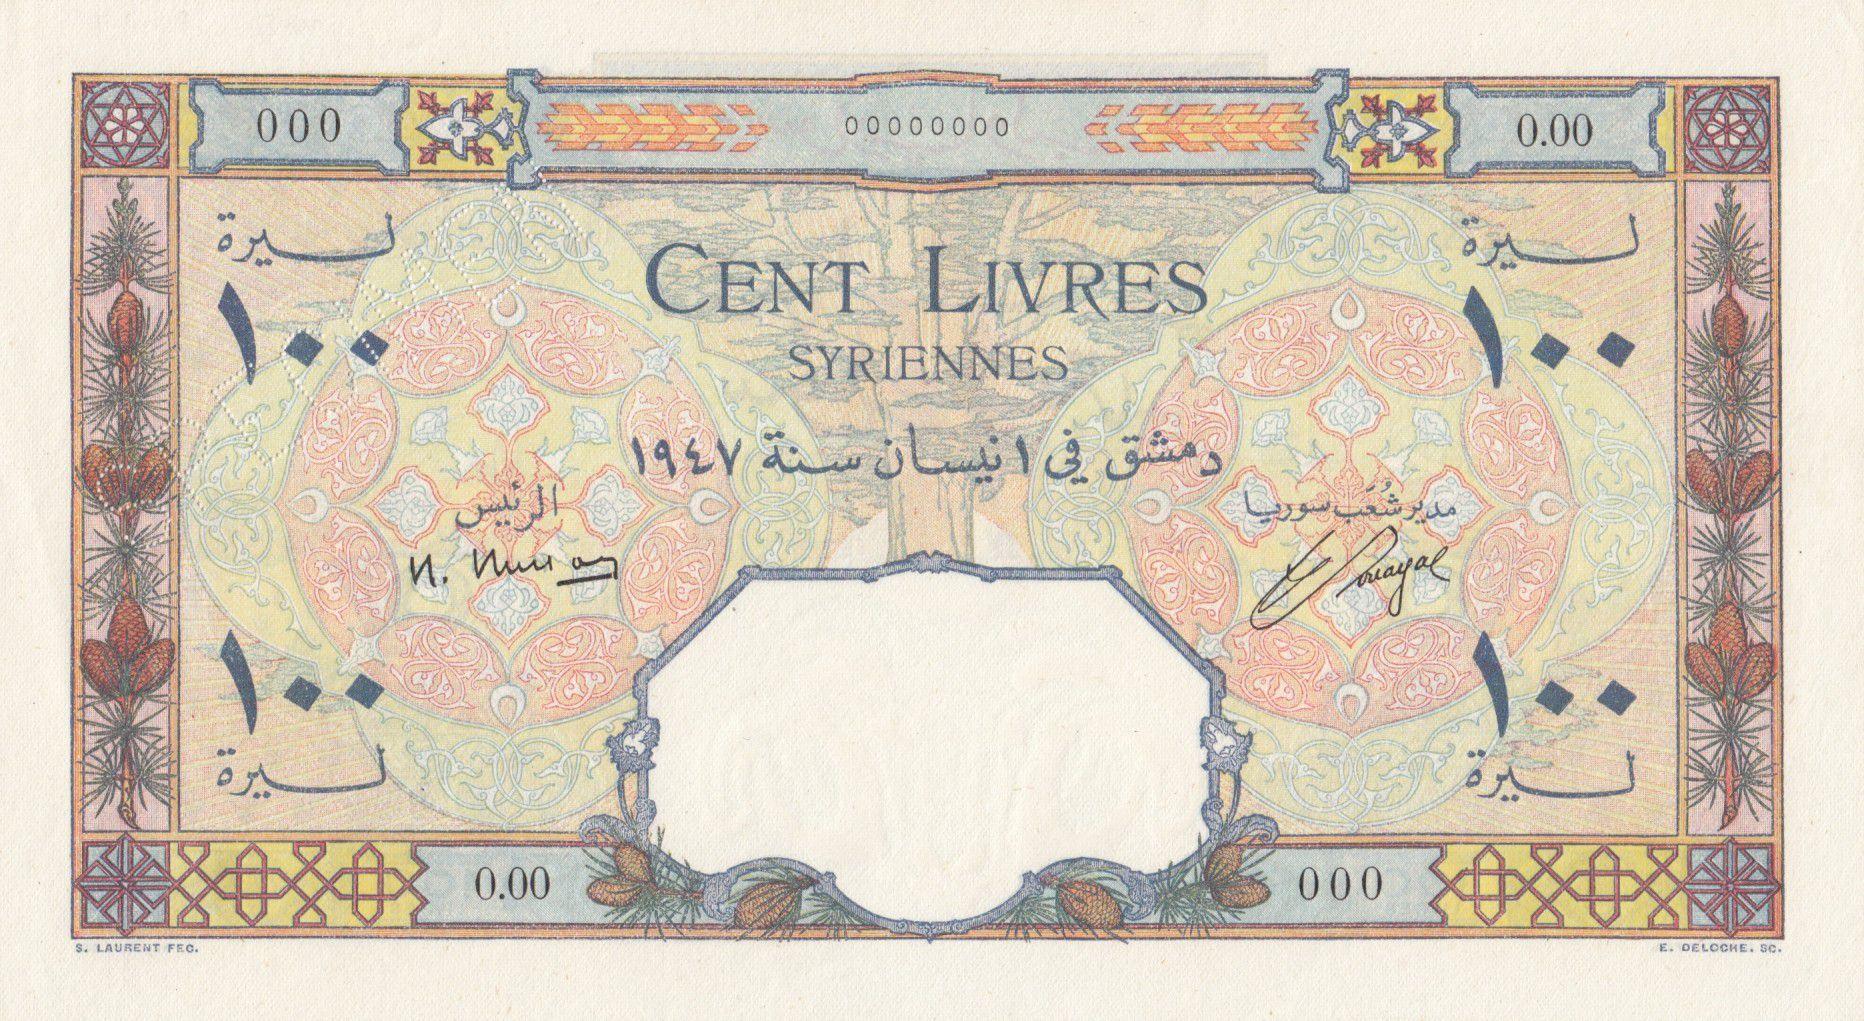 Syrie 100 Livres 1947 - Banque de Syrie et du Liban - Spécimen - P.61s